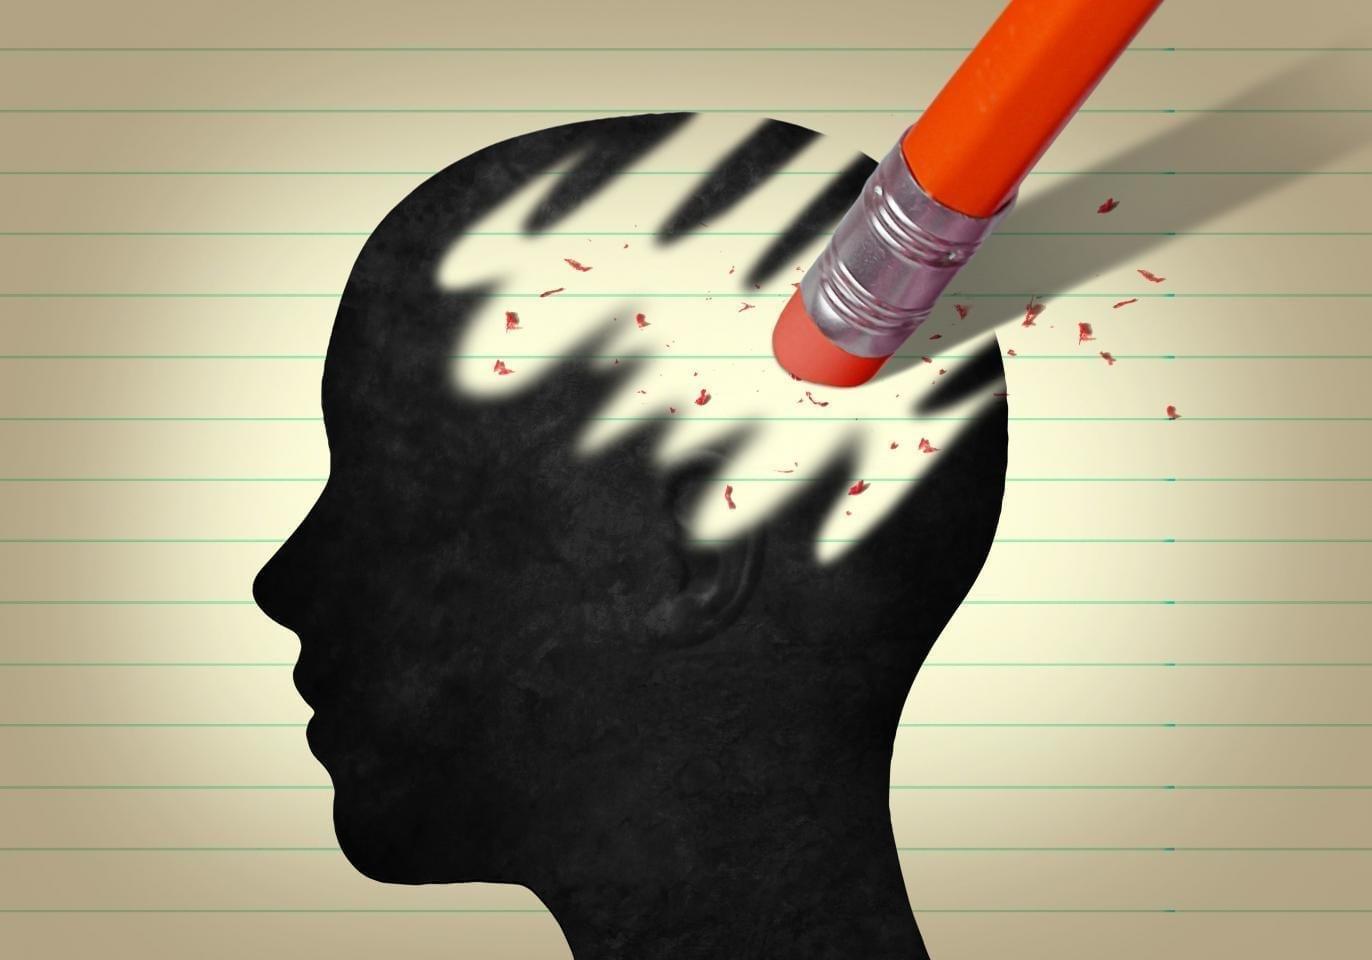 мозг стирают карандашом